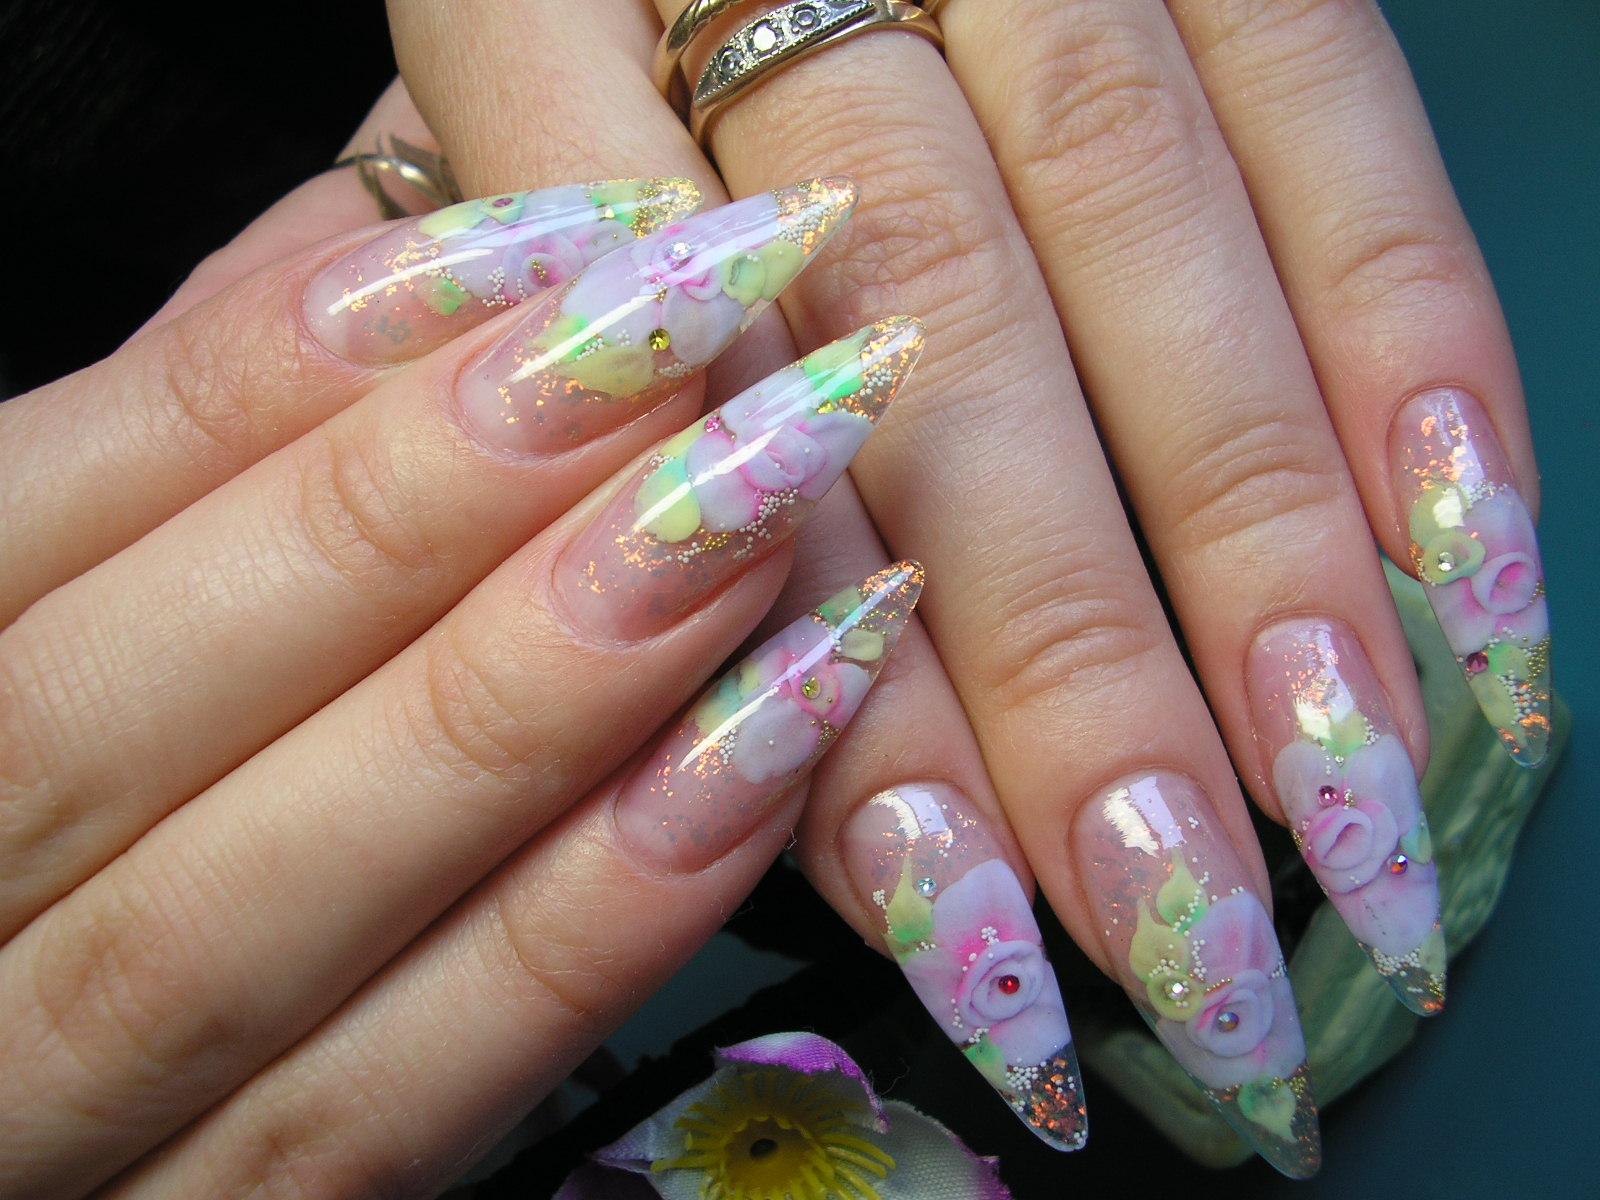 Наращивание ногтей аквариум Севастополь, Аквариумный дизайн ...